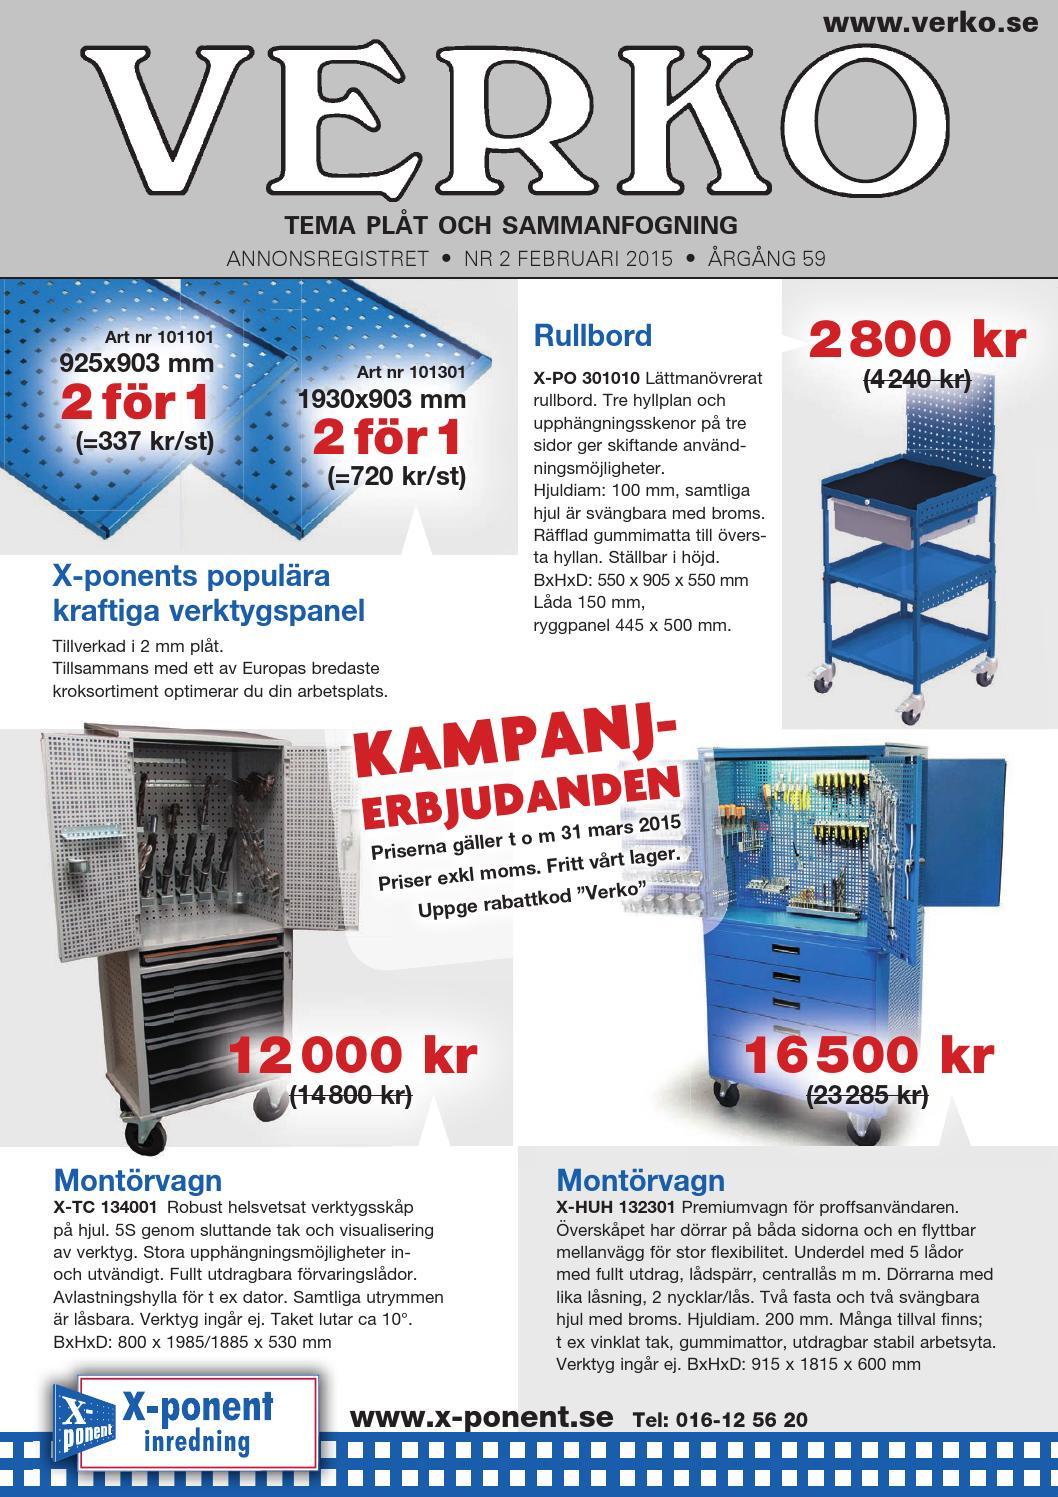 Verko 2 2015 tema plåt by Verko - tidningen för svensk verkstadsindustri -  issuu edd6fcad03d05